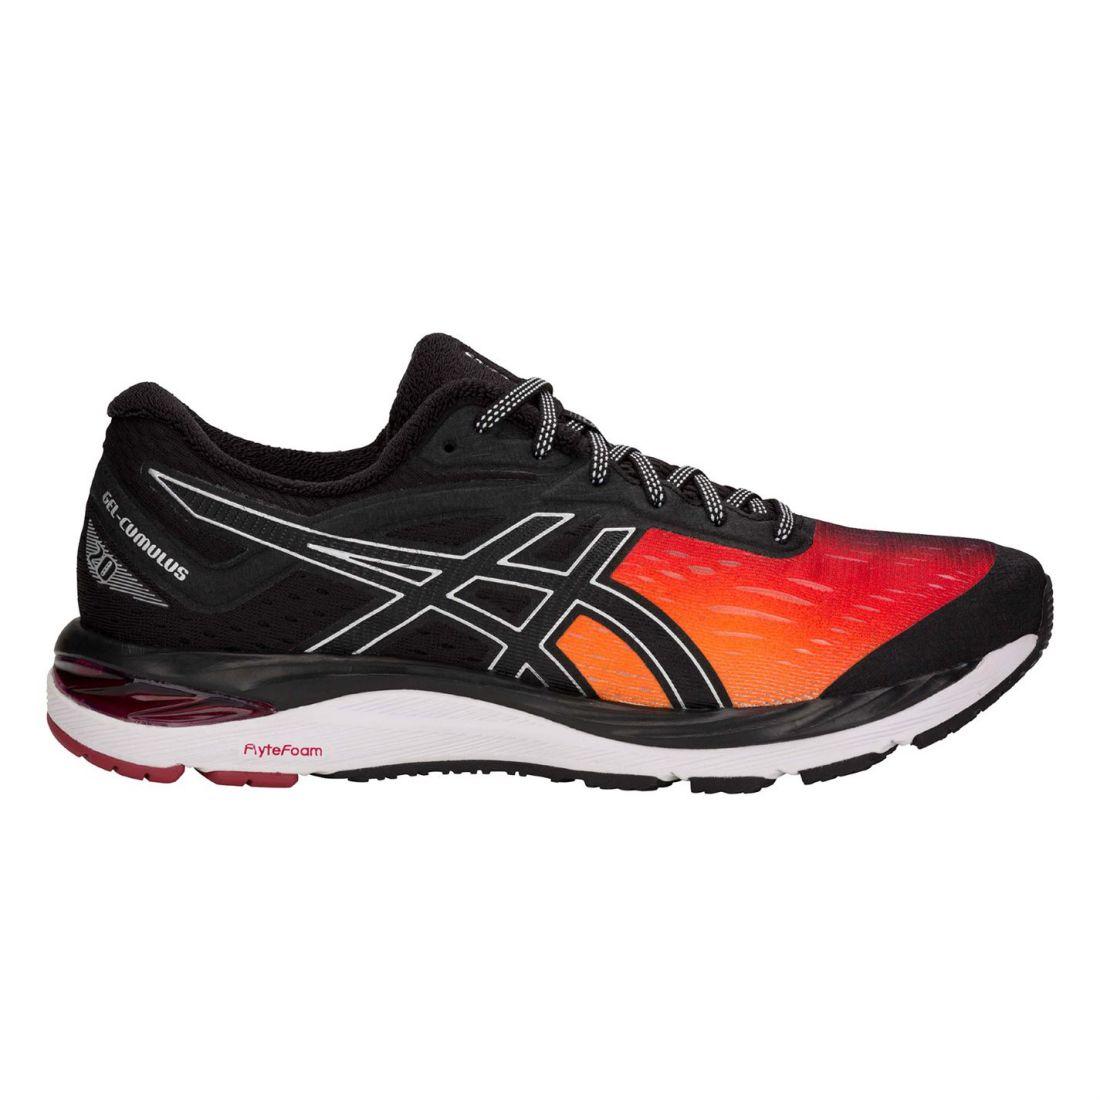 Asics Cumulus 20 SP Running shoes Road Mens